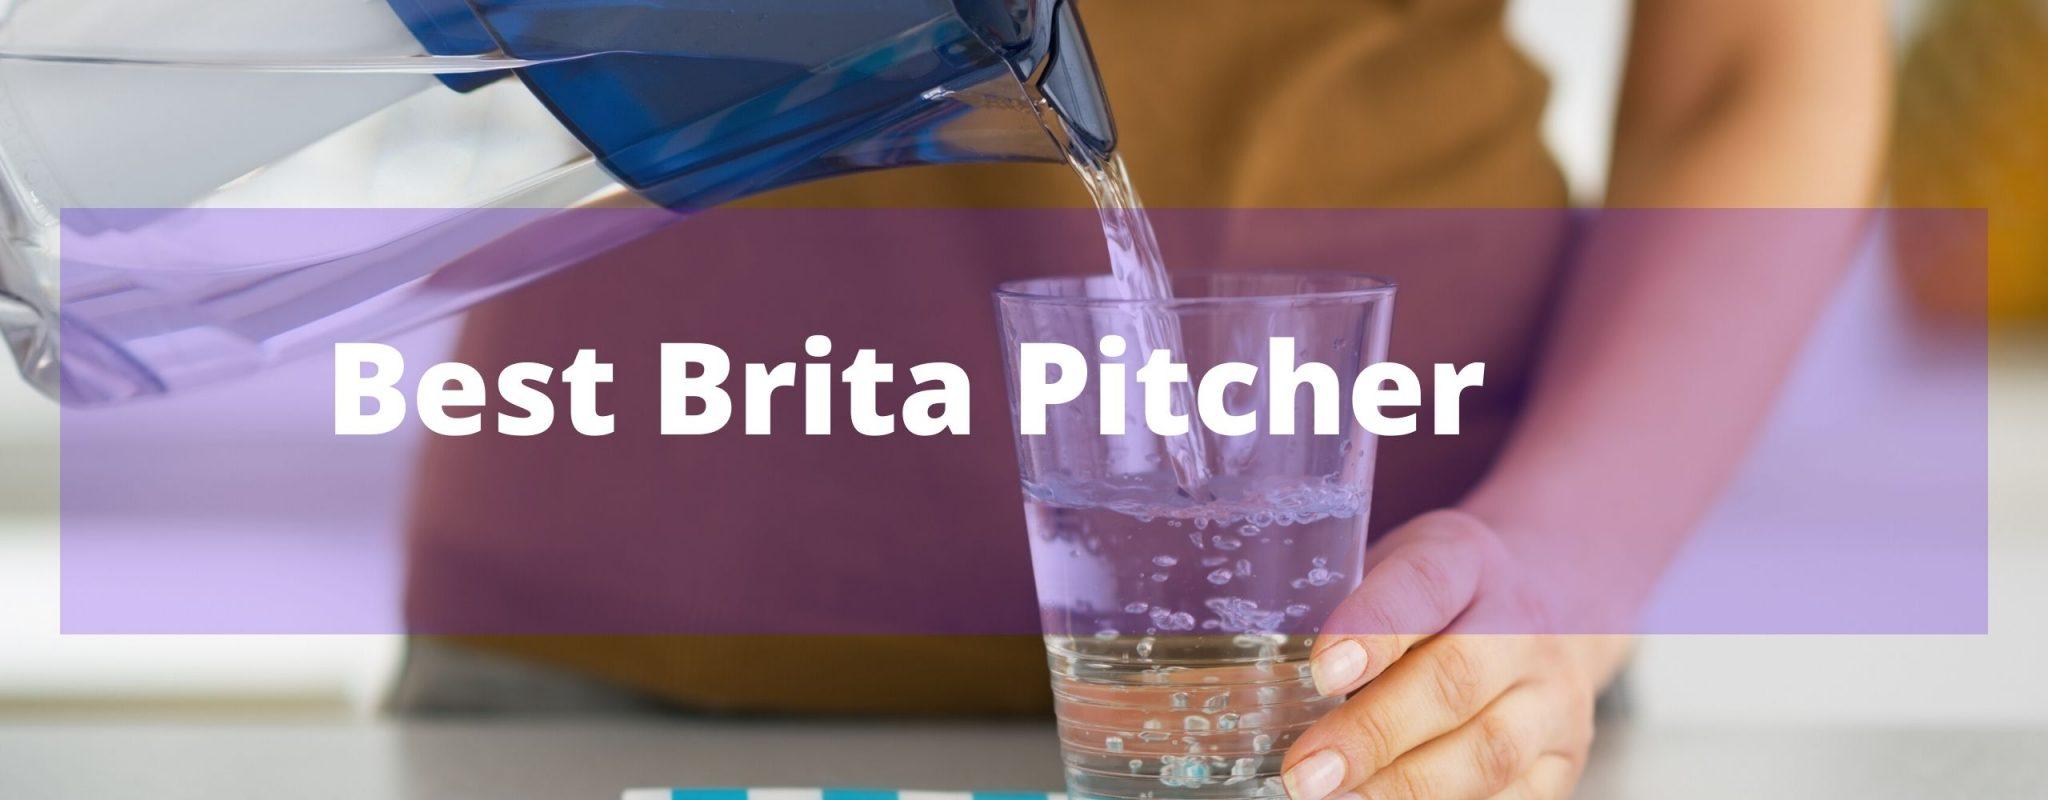 Best Brita Water Filter Pitcher